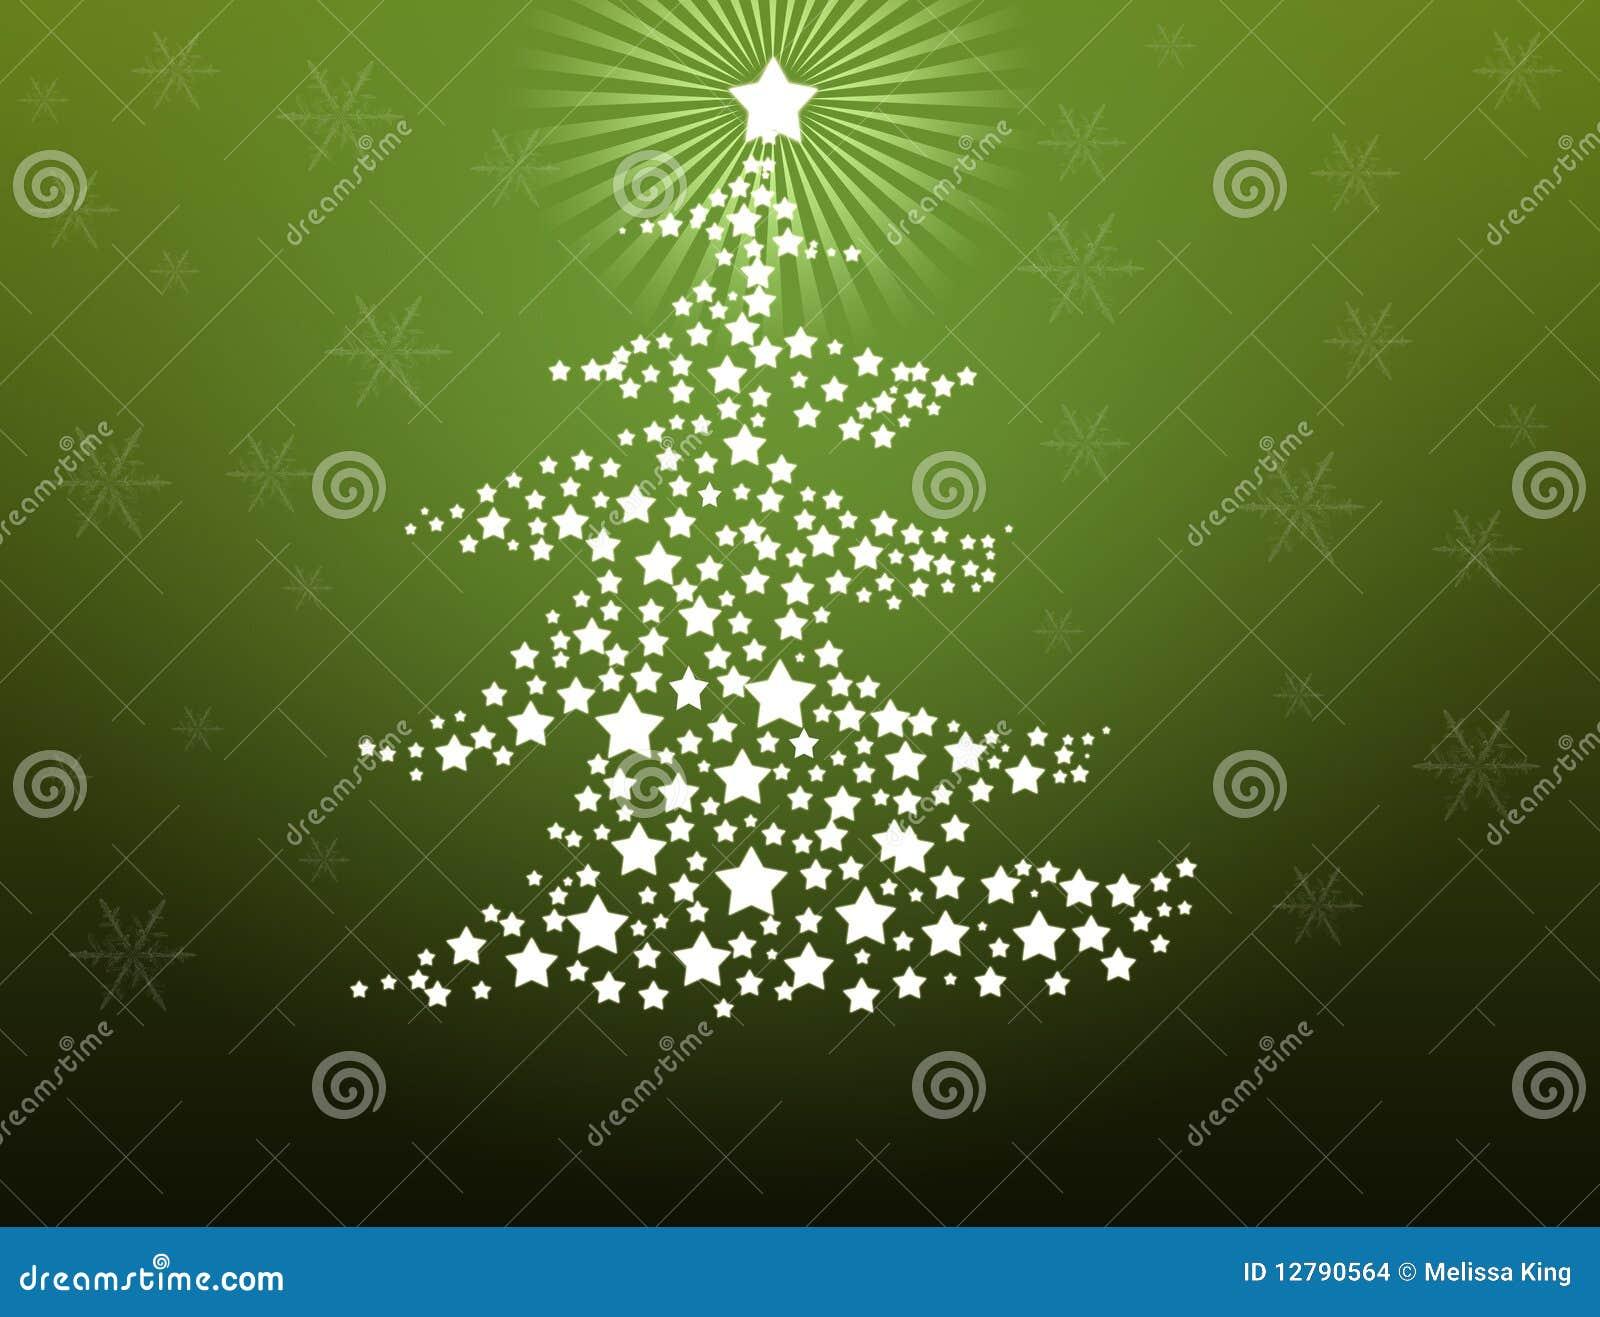 De achtergrond van de kerstboom